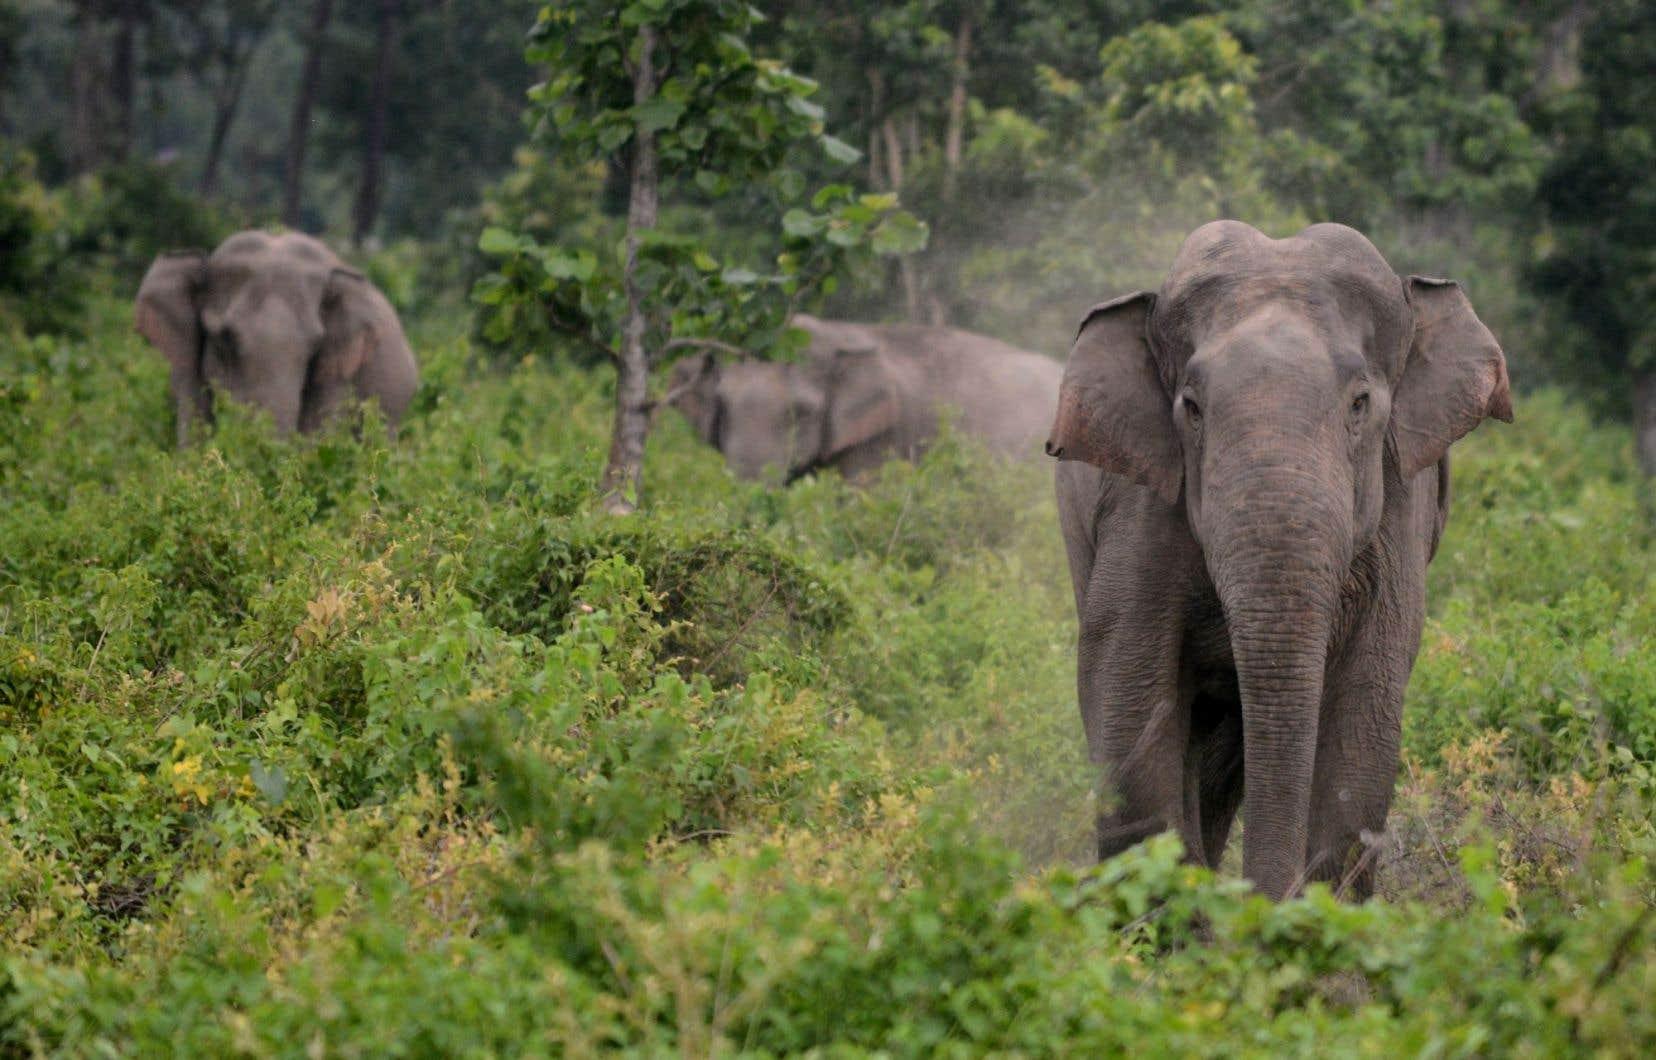 L'empathie s'est développée chez certains animaux, dont les éléphants, parce qu'ils vivent dans des sociétés dont le fonctionnement commande l'entraide entre leurs membres.